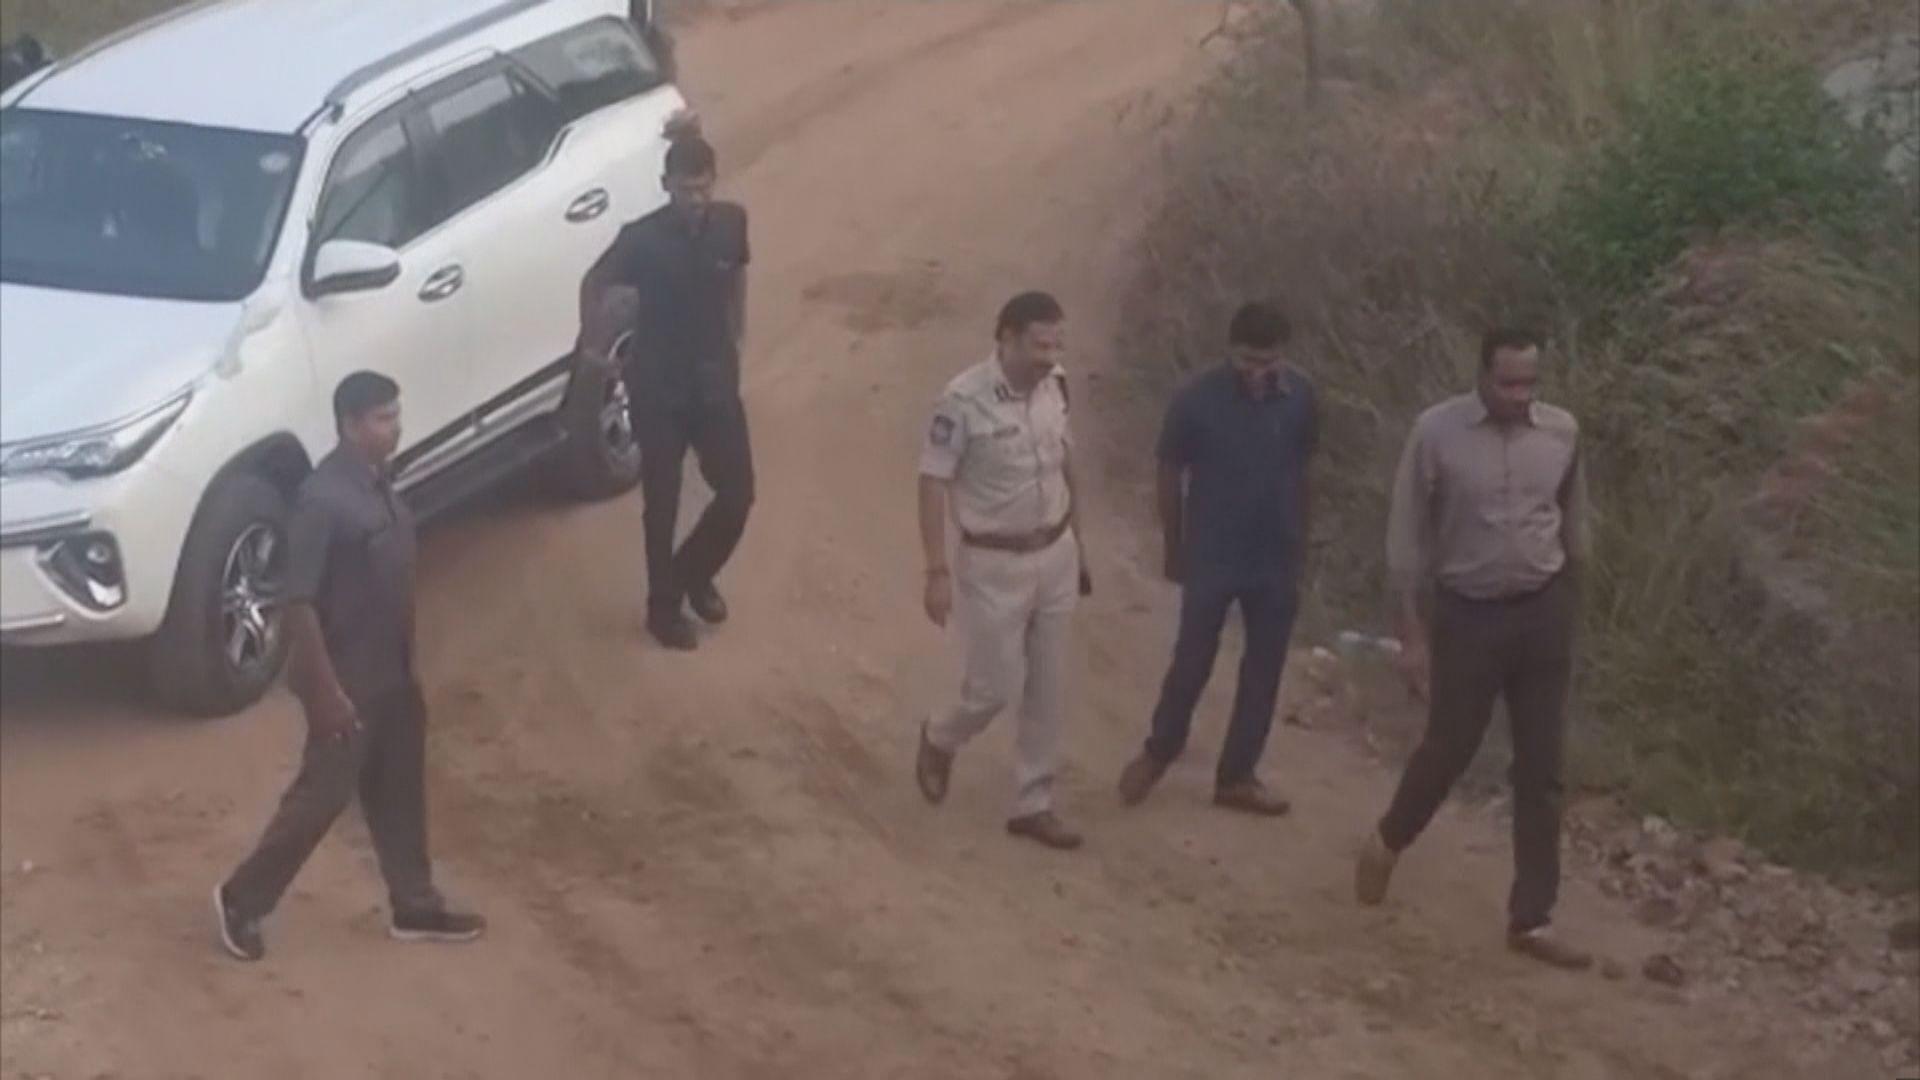 印度姦殺案疑犯遭警擊斃 民眾讚揚警察正義執法